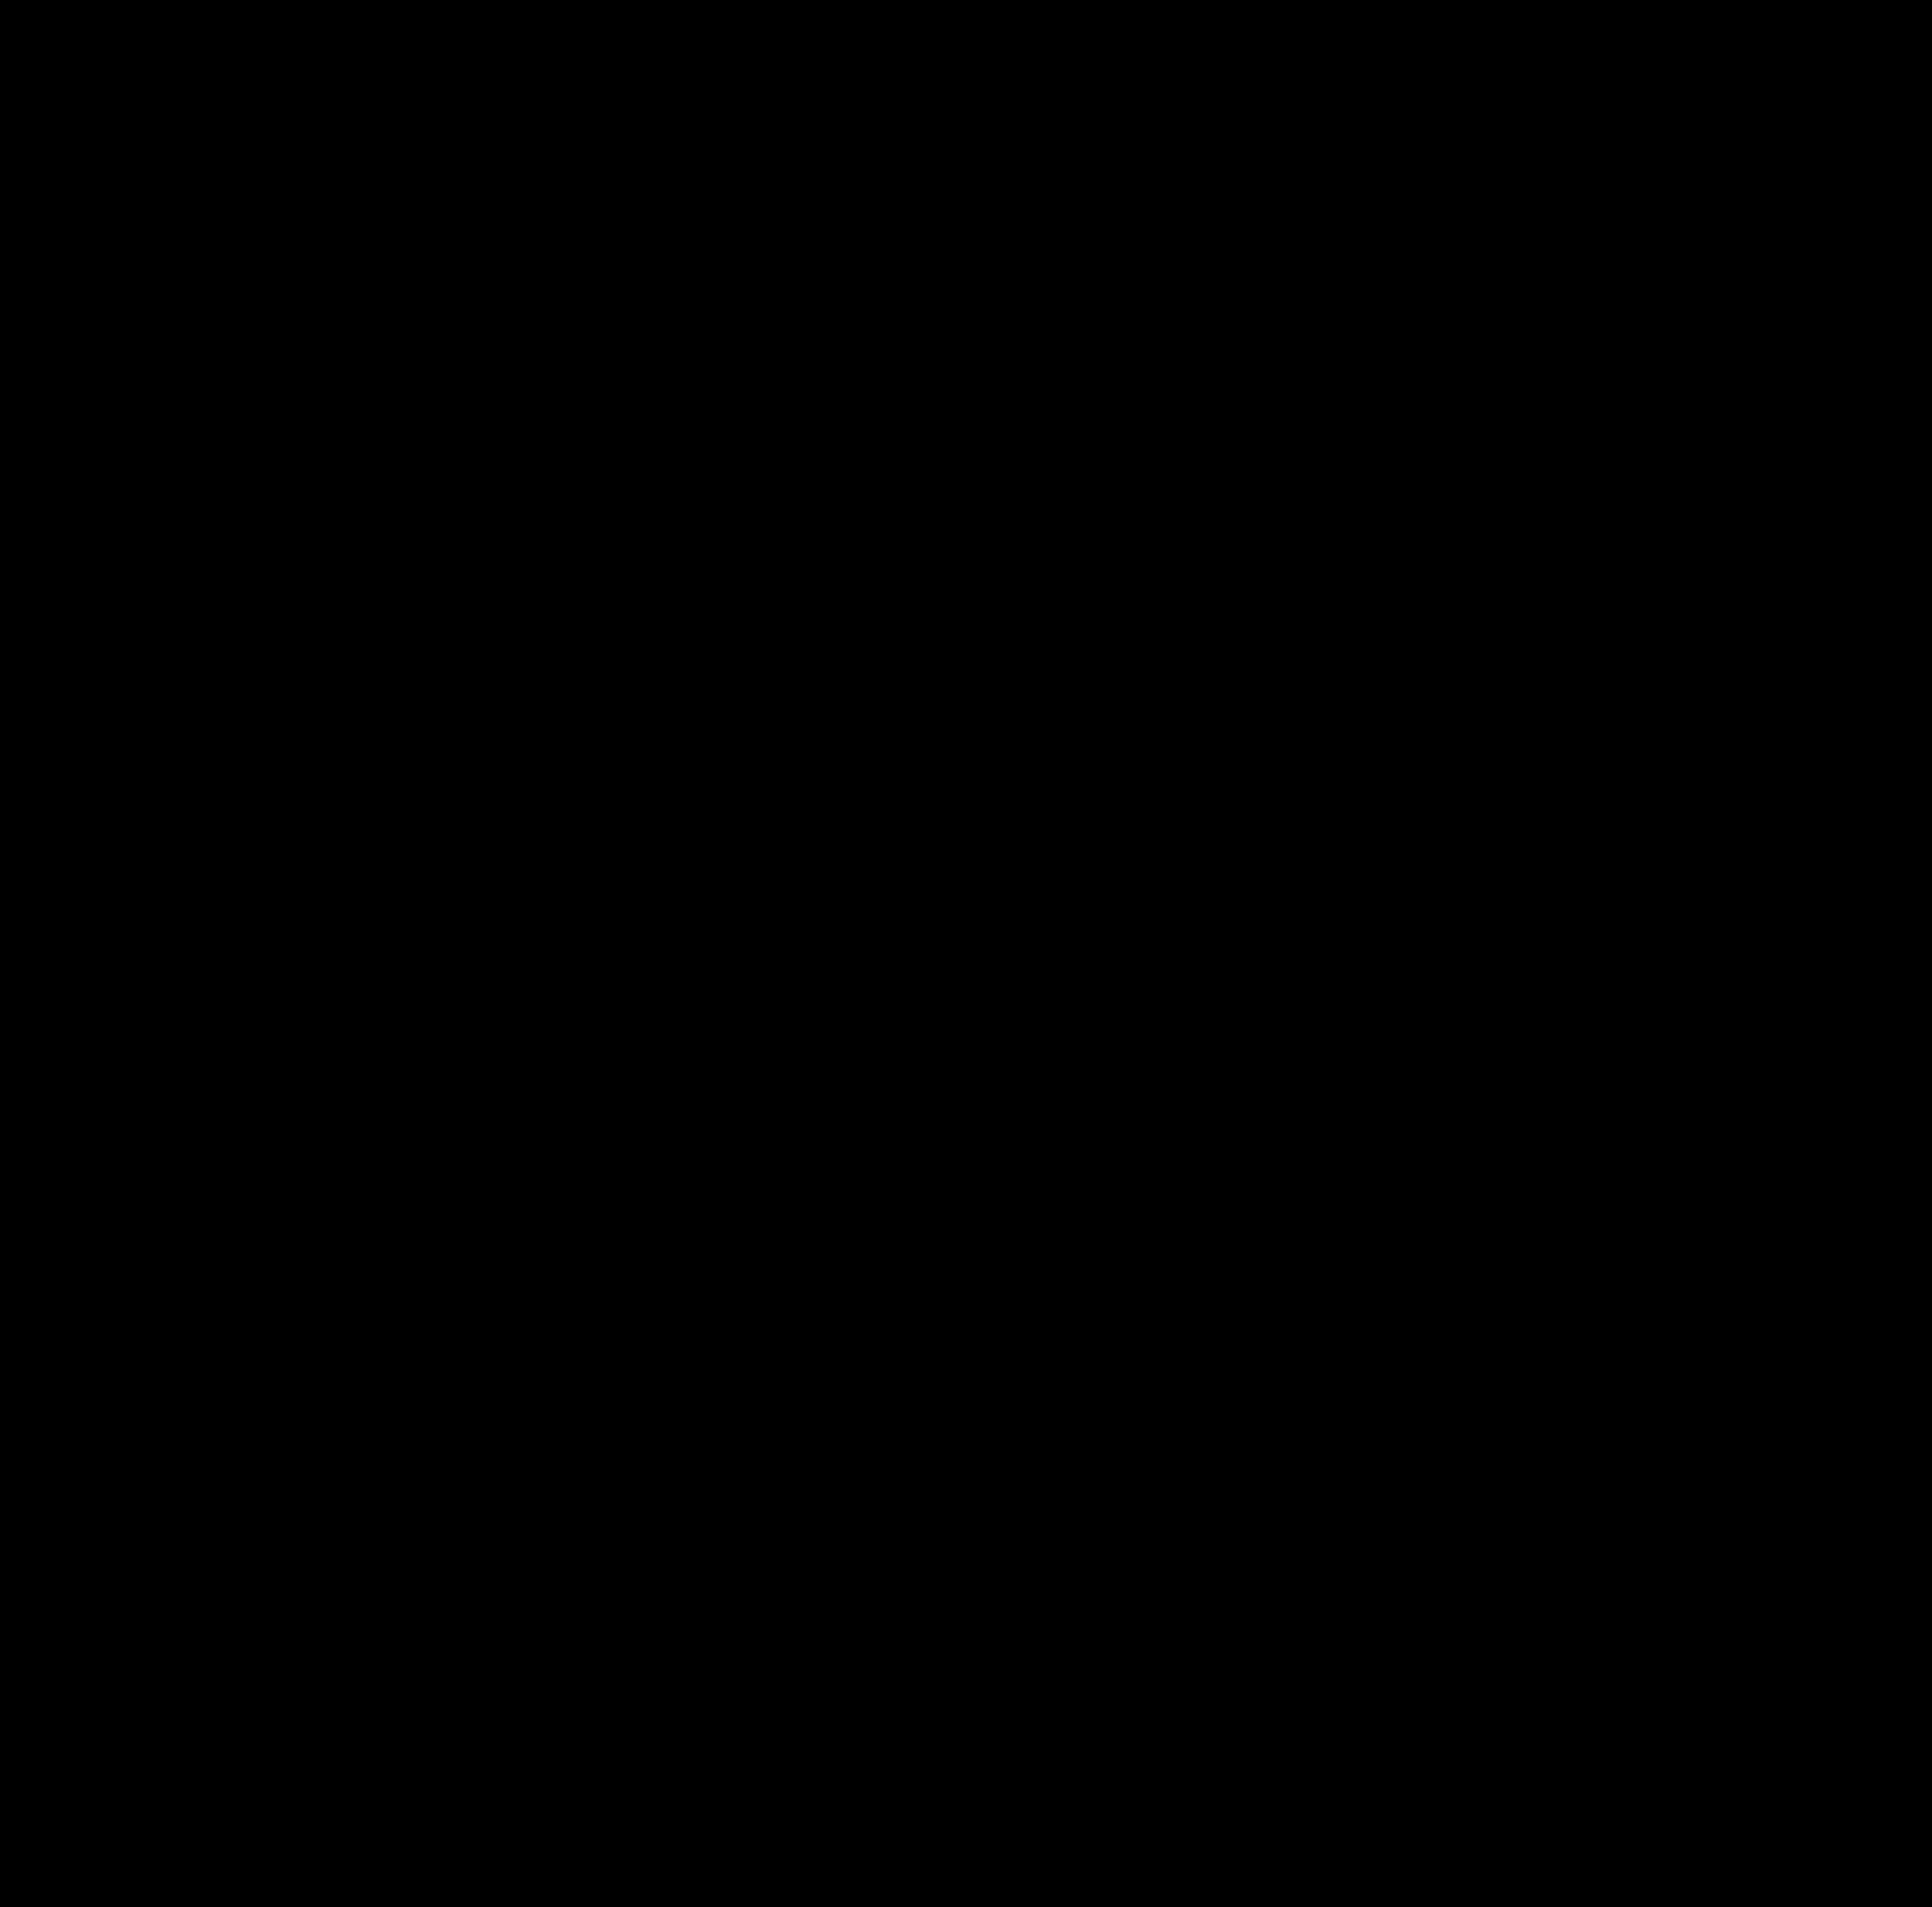 Representação artística da supernova CTB 1, que assemelha-se a uma bolha fantasmagórica (Foto: Composite by Jayanne English, University of Manitoba, using data from NRAO/F. Schinzel et al., DRAO/Canadian Galactic Plane Survey and NASA/IRAS)